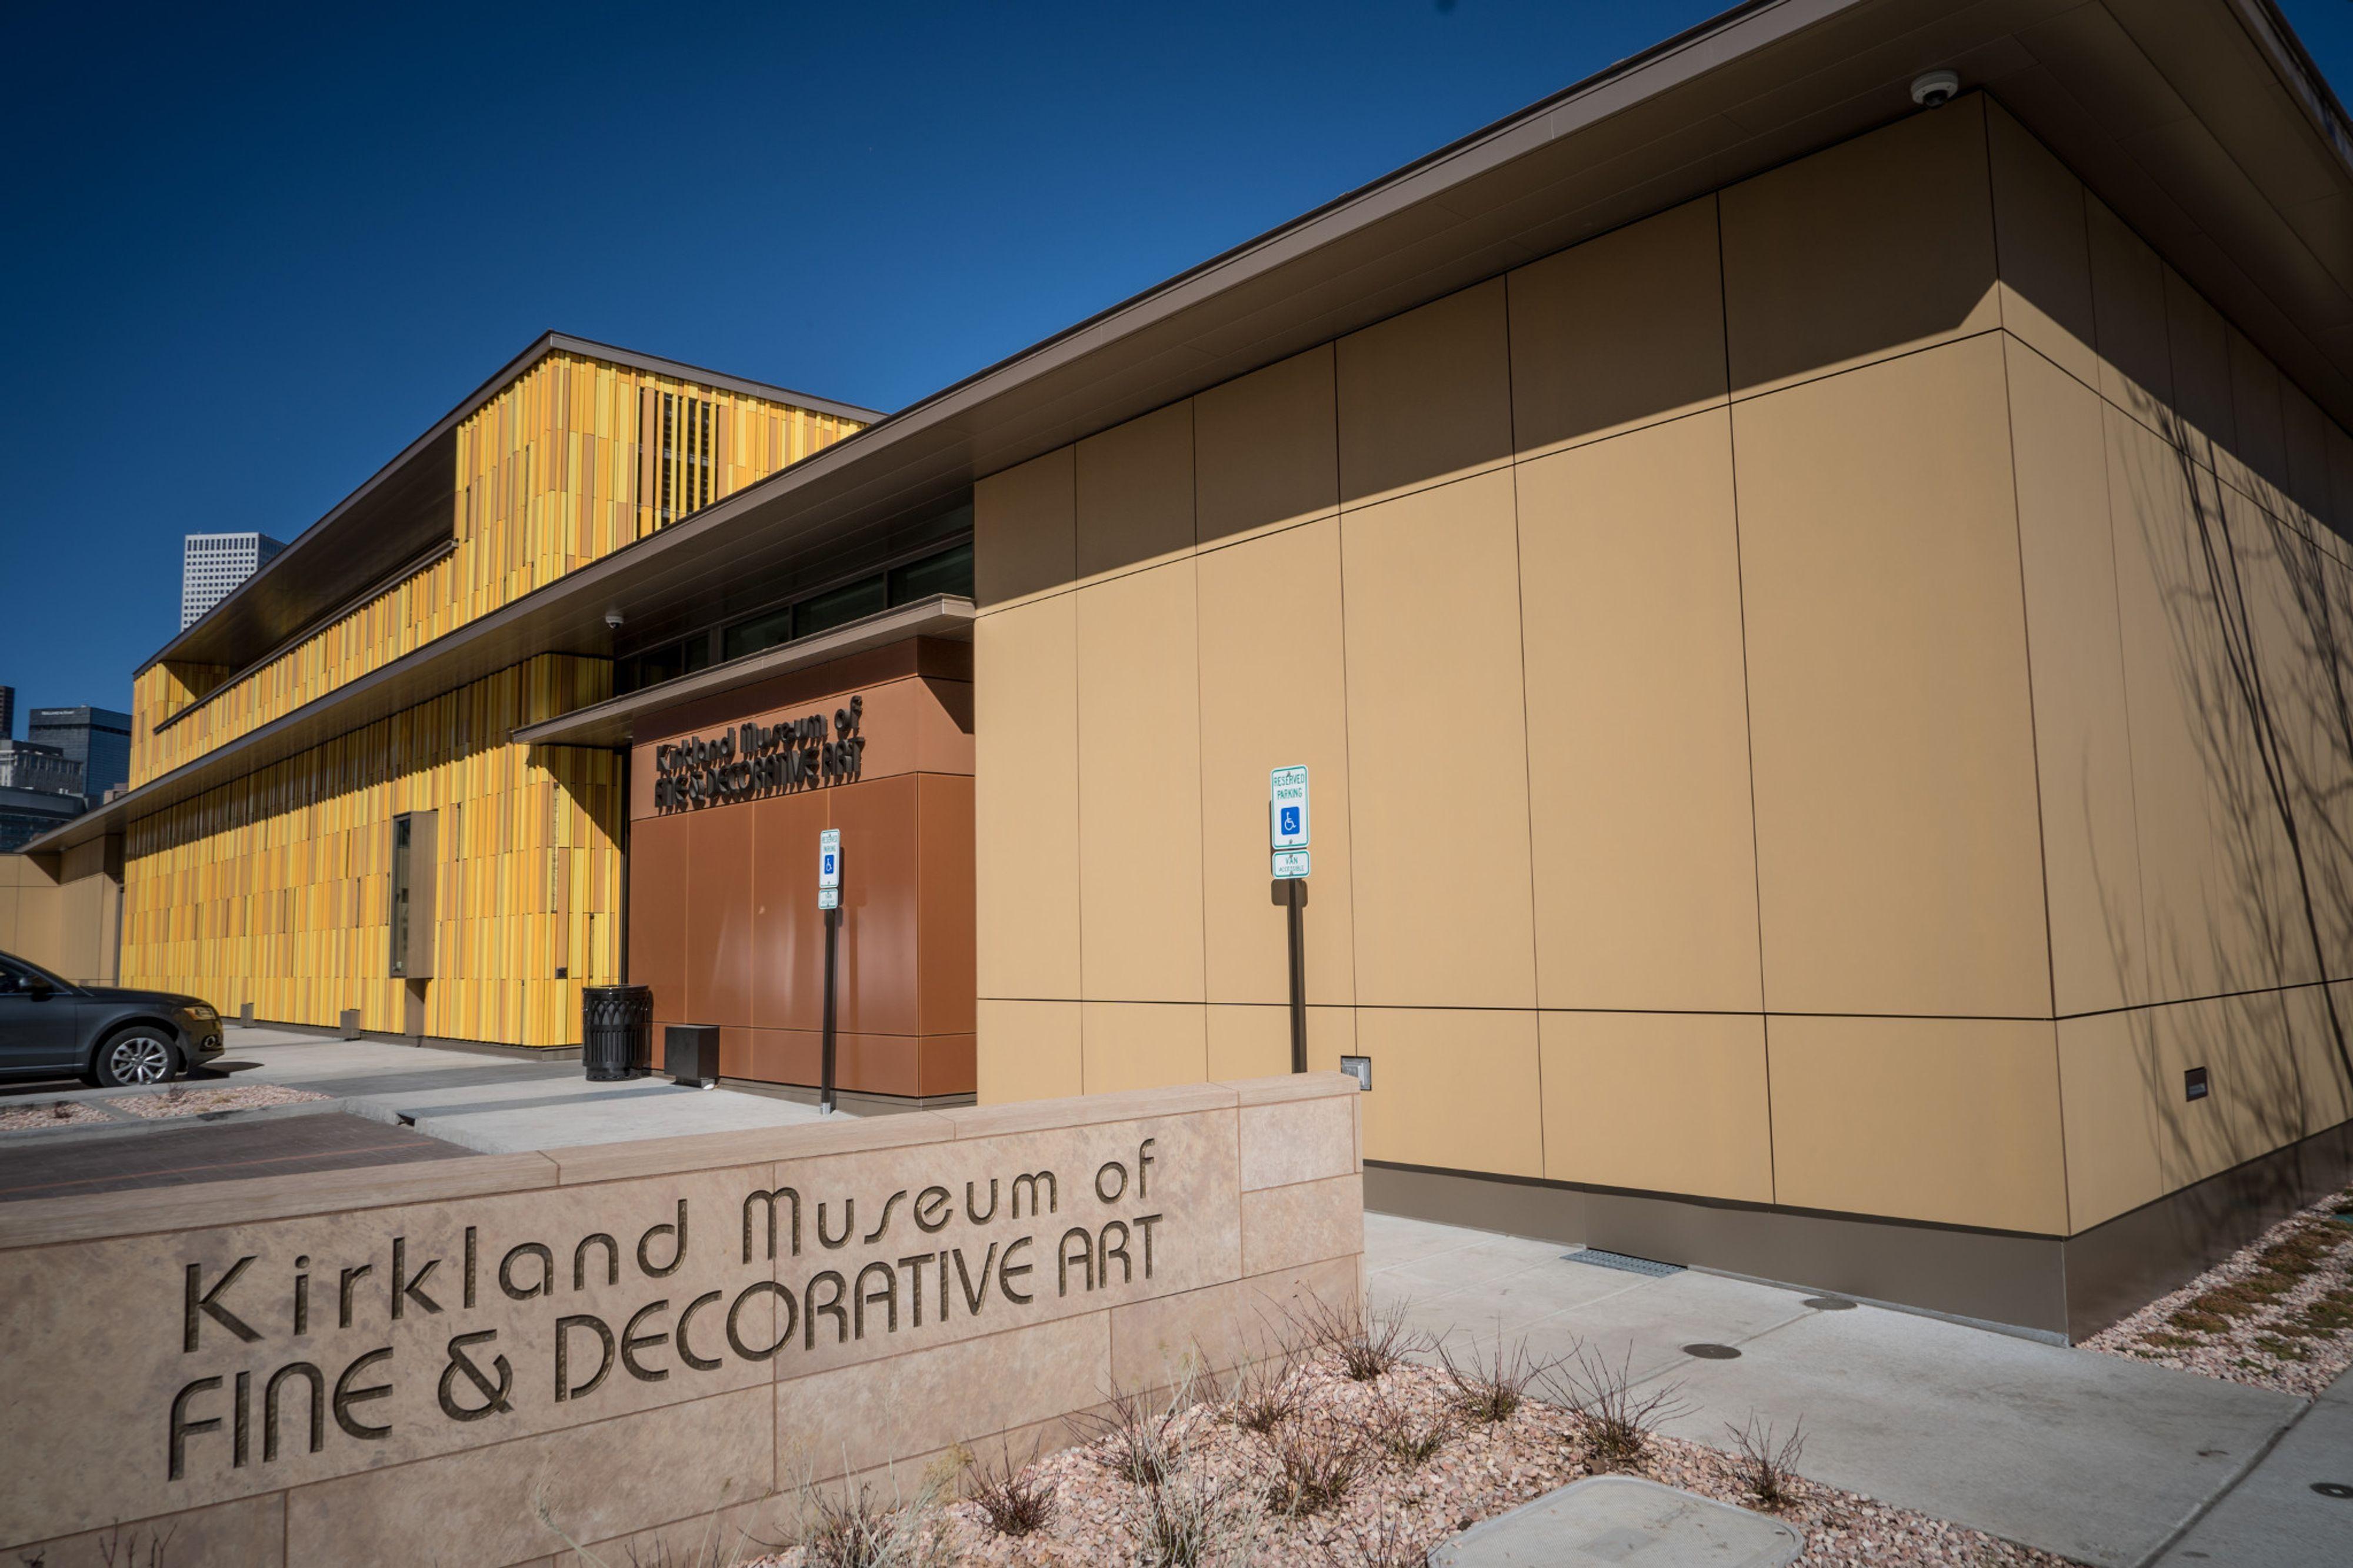 kirkland museum